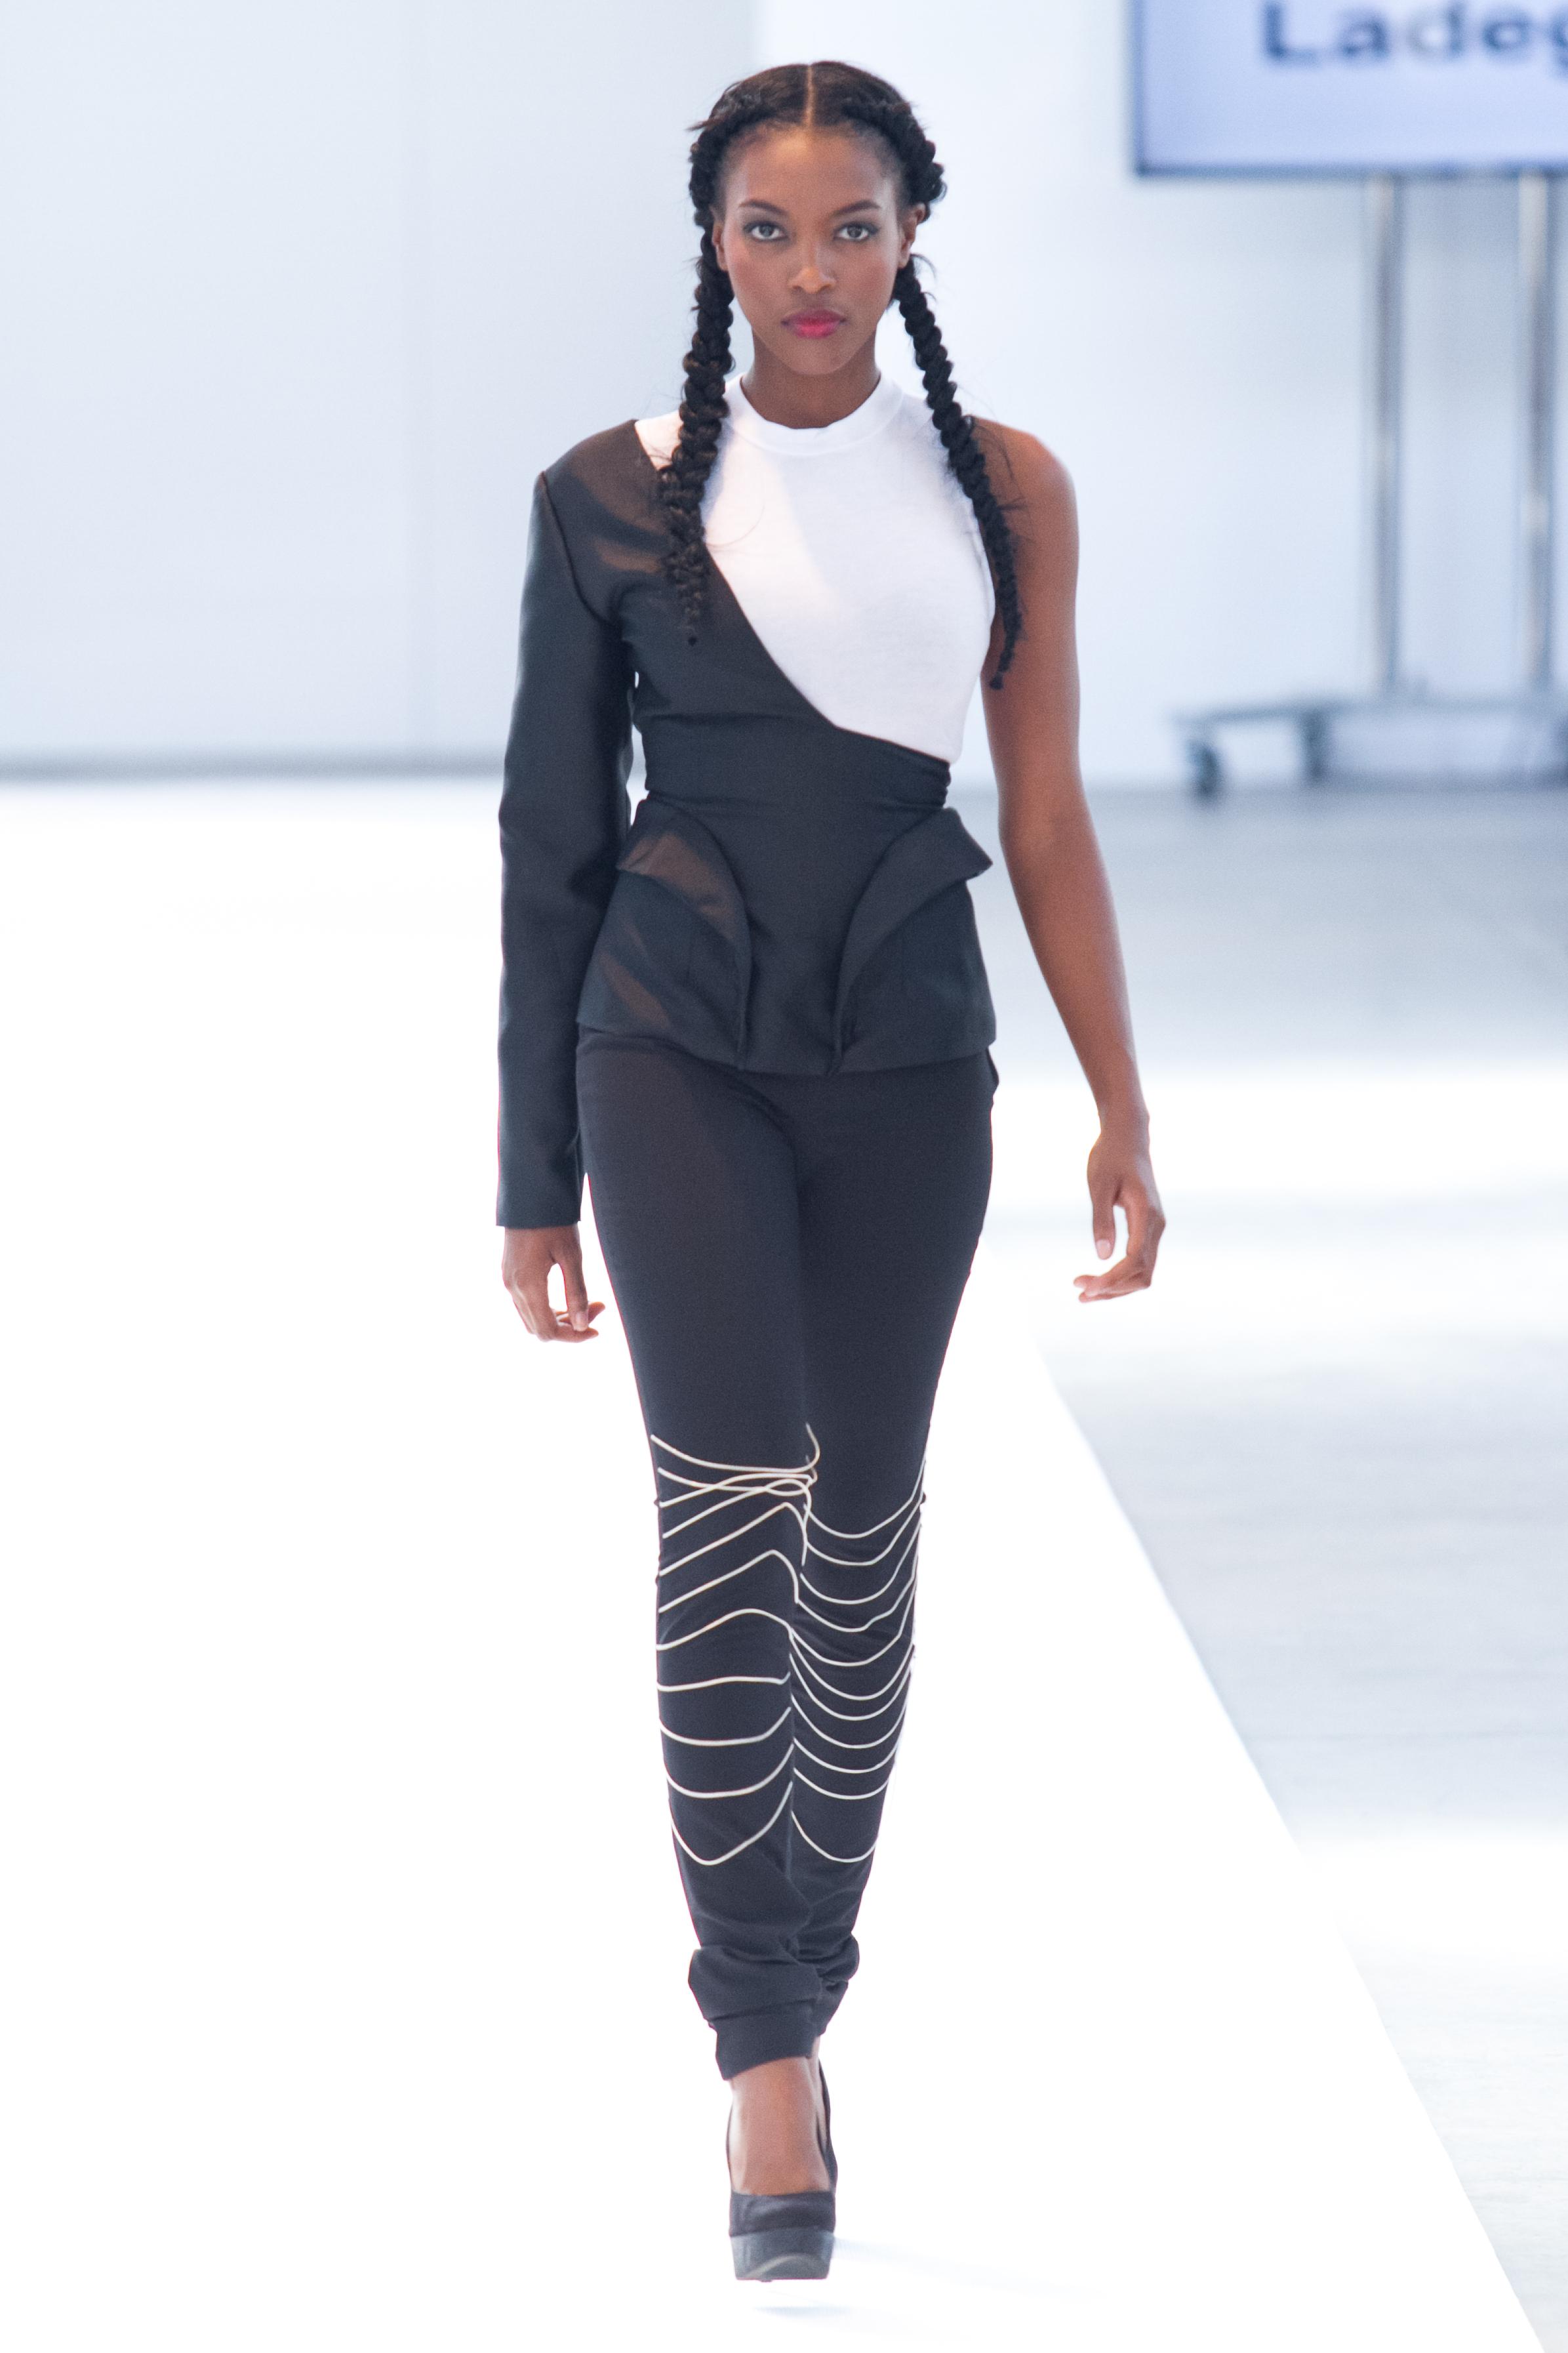 Nigerian Teenage Designer Tumisola Ladega Wins Jimmy Choo Bursary Prize